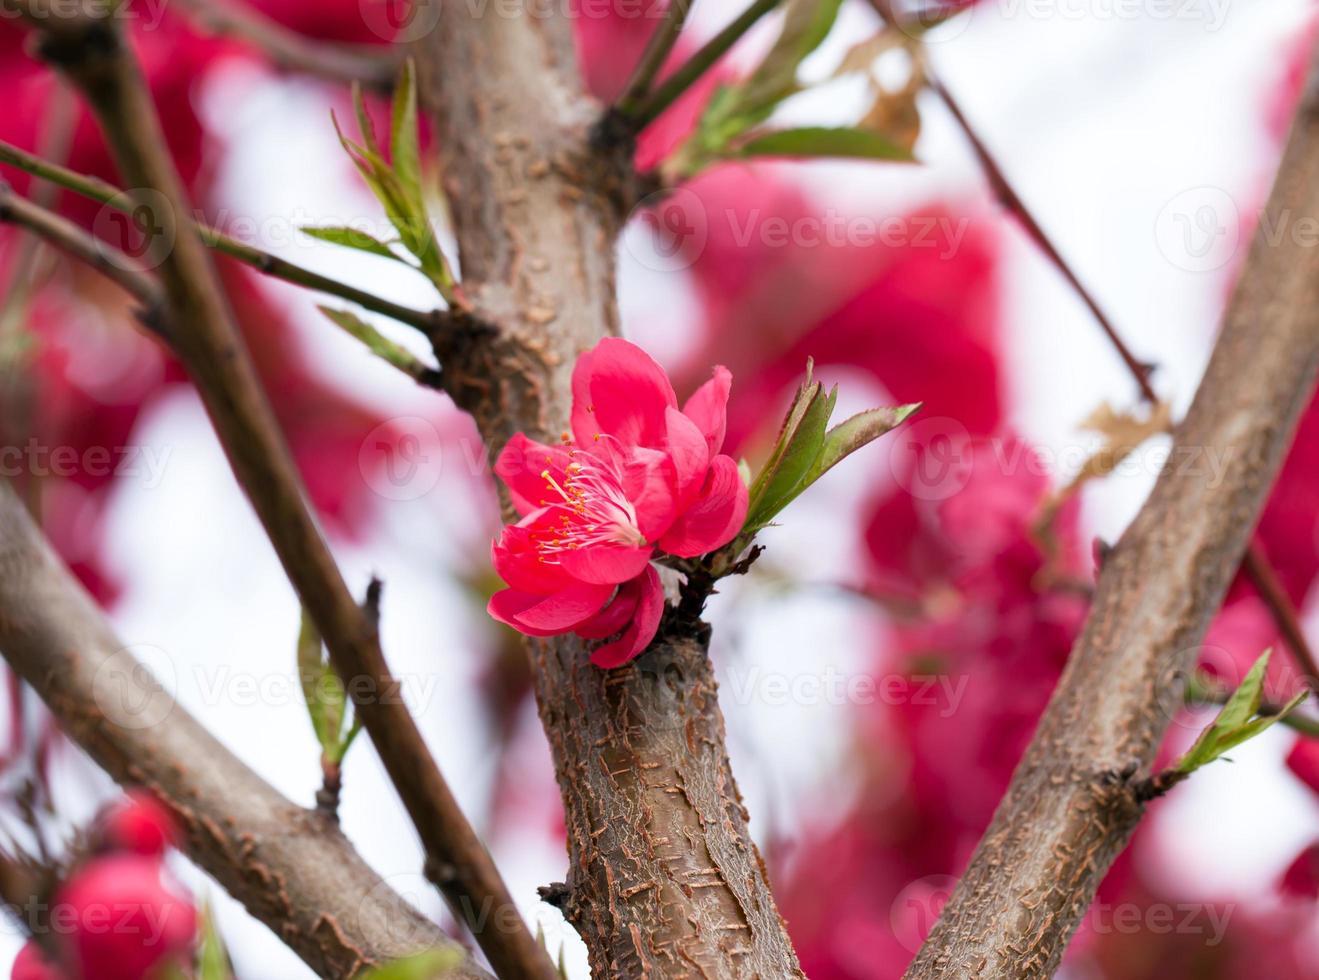 fiore di albicocca foto